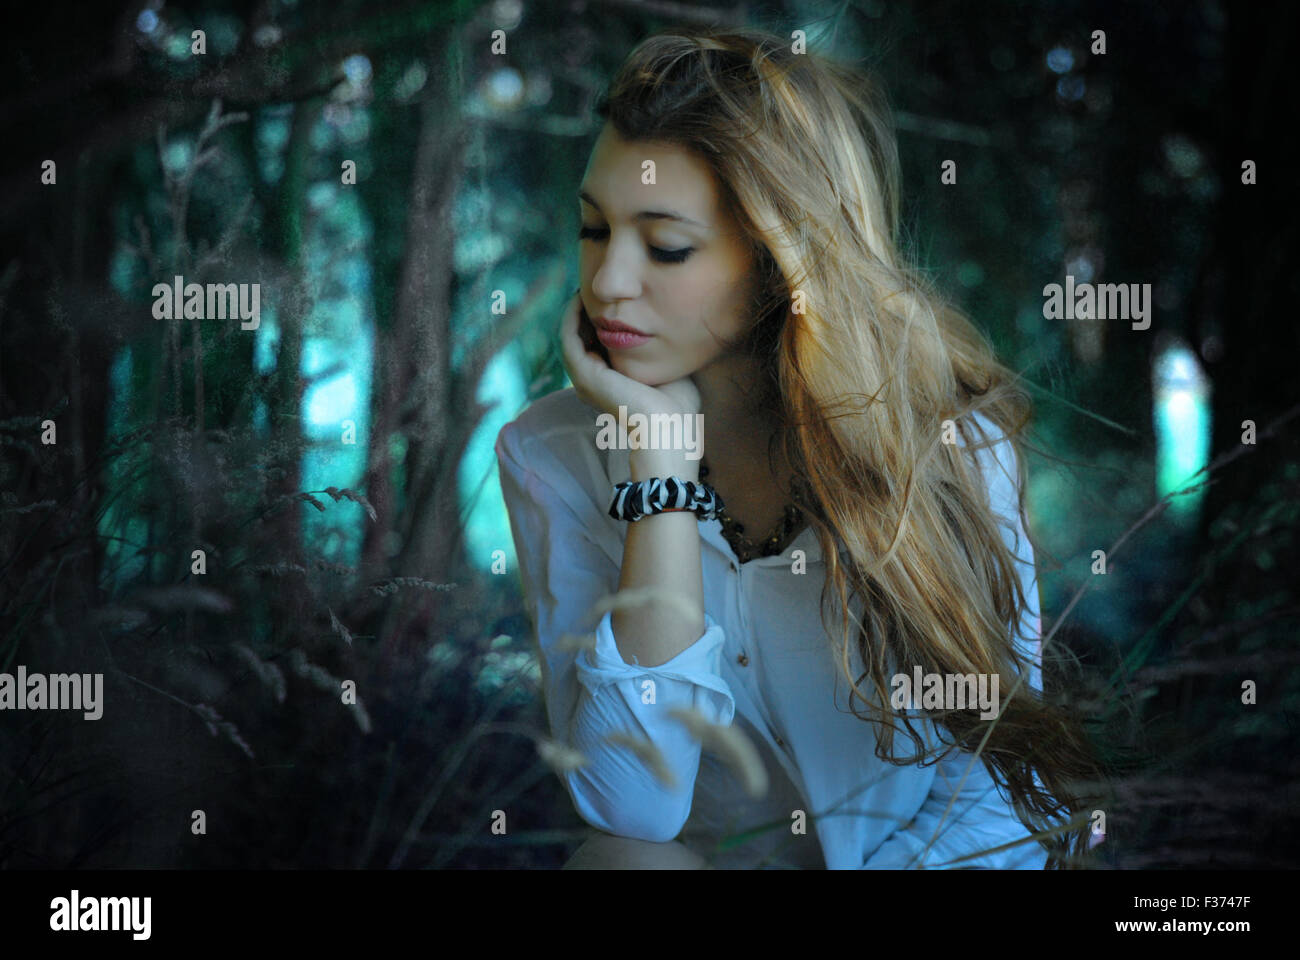 Ingwer Mädchen berühren ihr Gesicht nach unten im Wald Stockbild